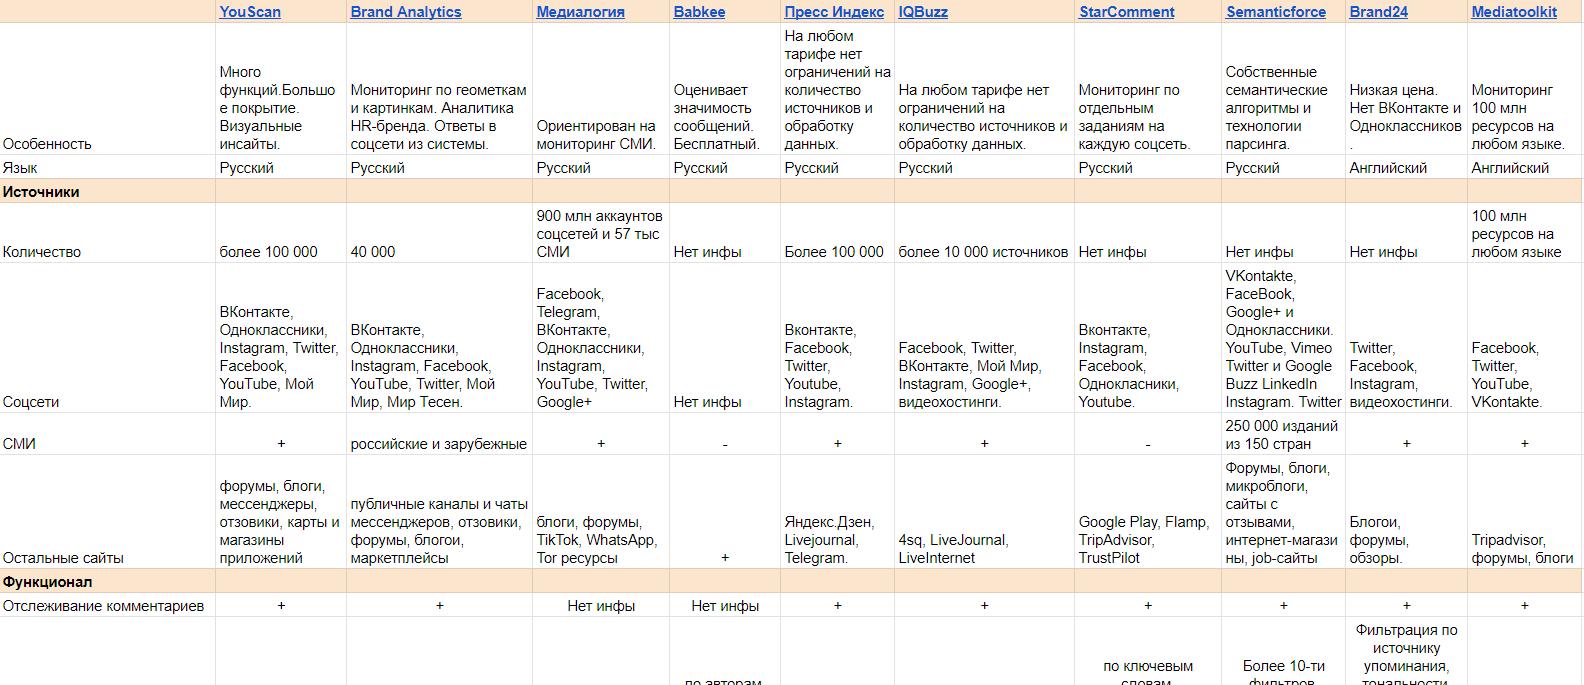 Сравнительная таблица сервисов